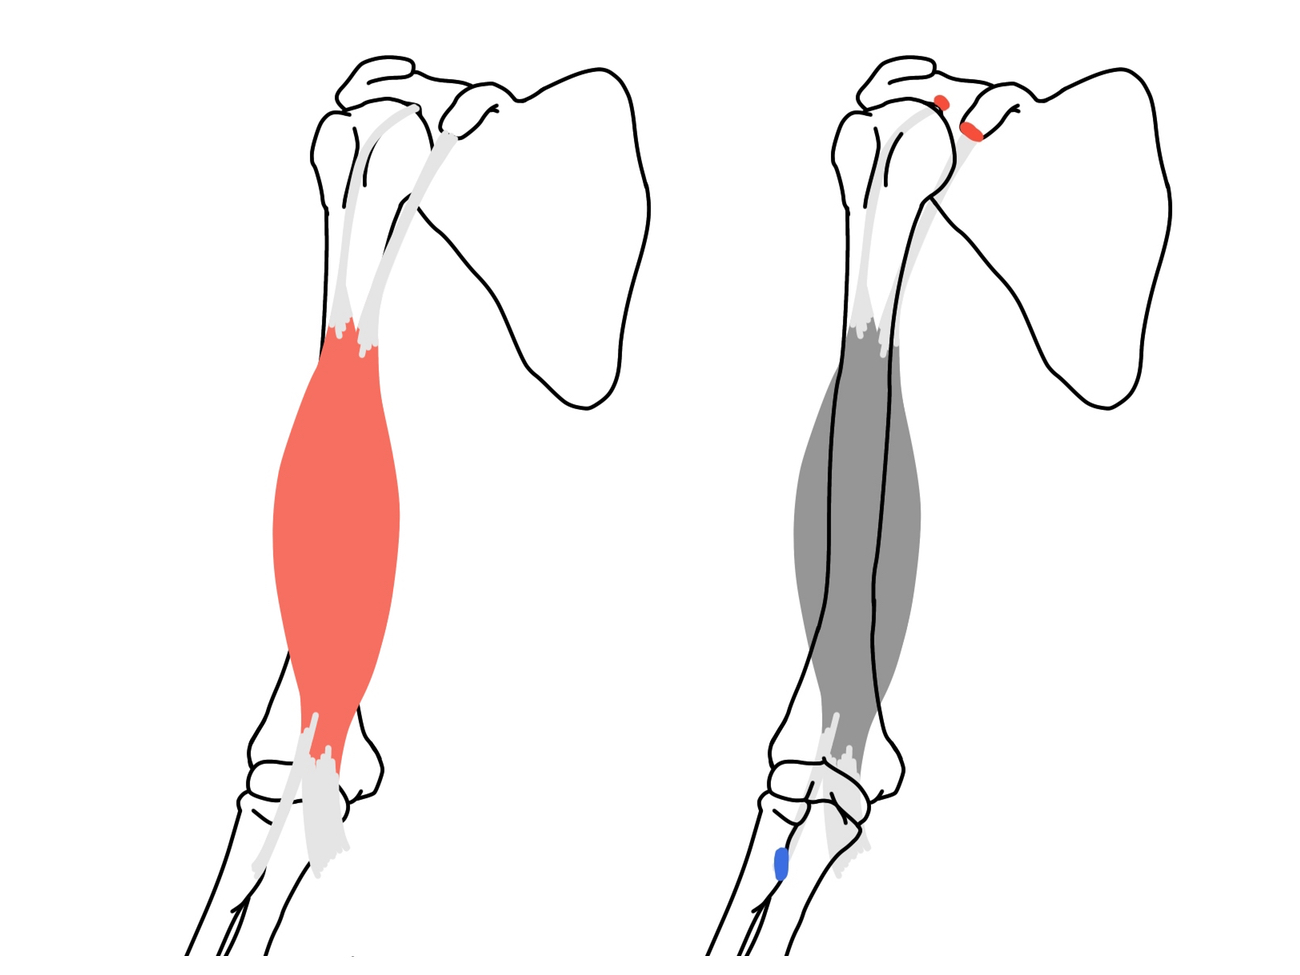 上肢の機能解剖学